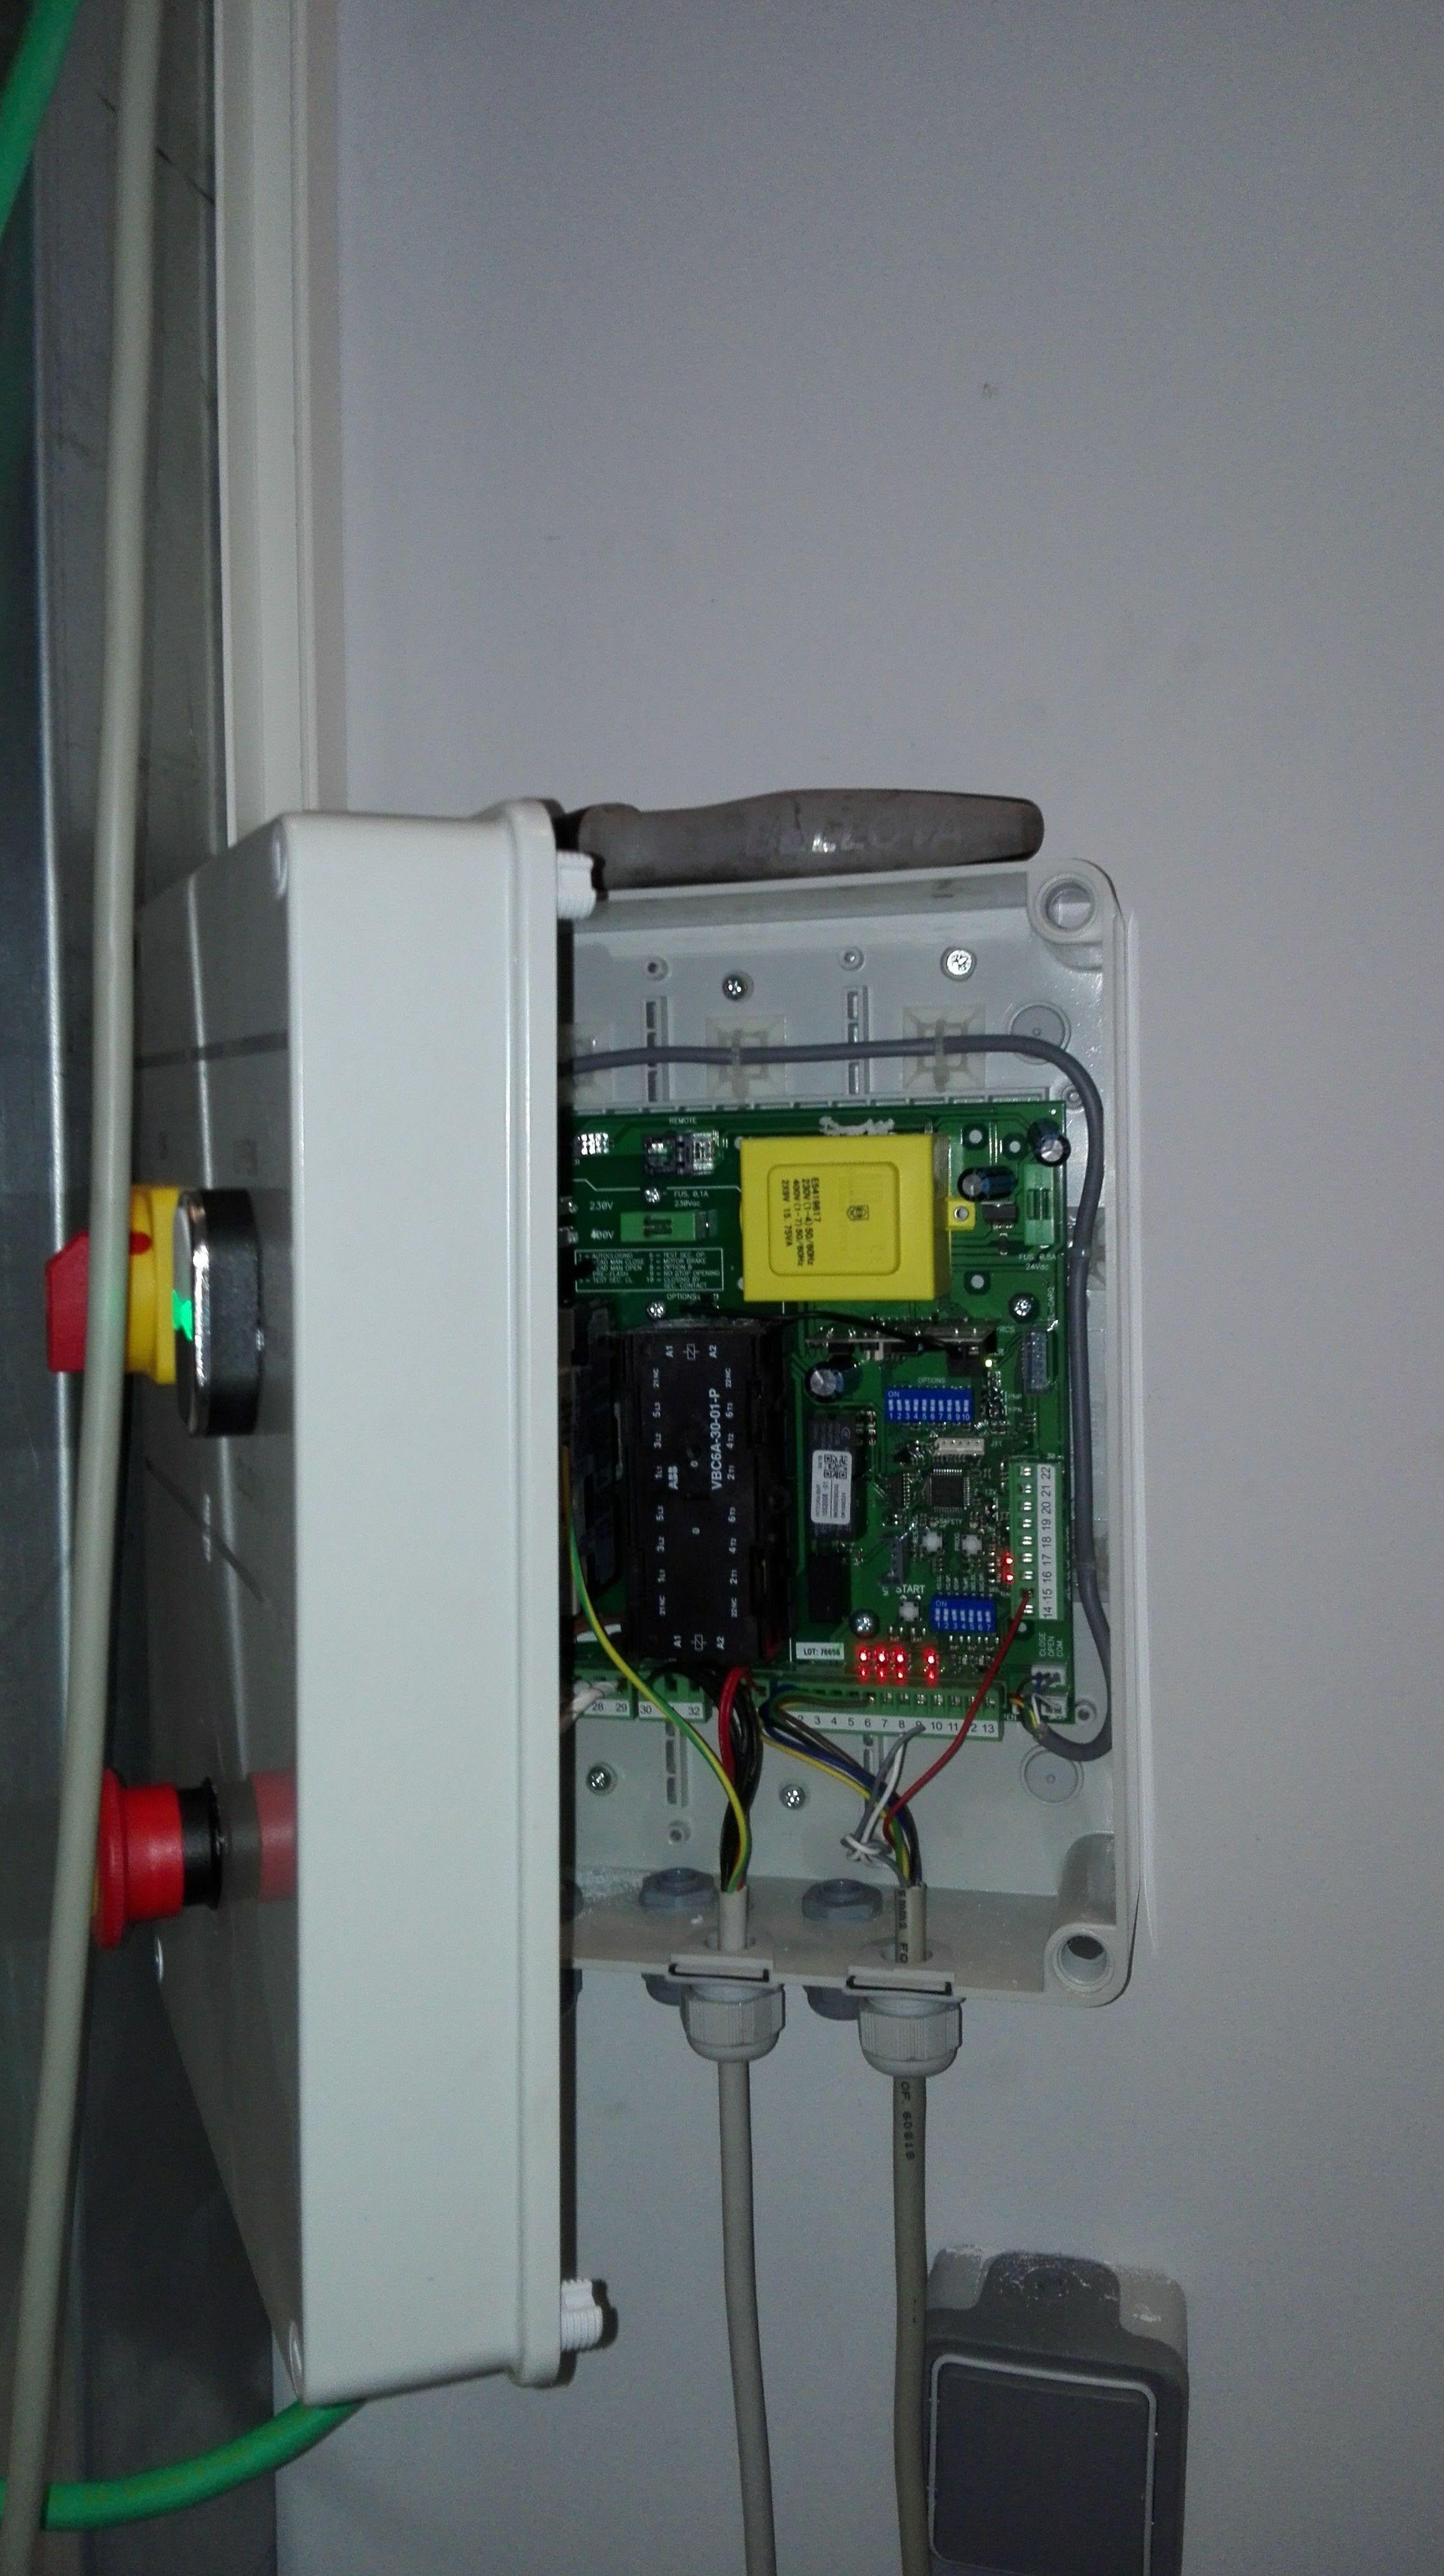 Cuadro eléctrico de Puerta rápida de pvc automática enrollable